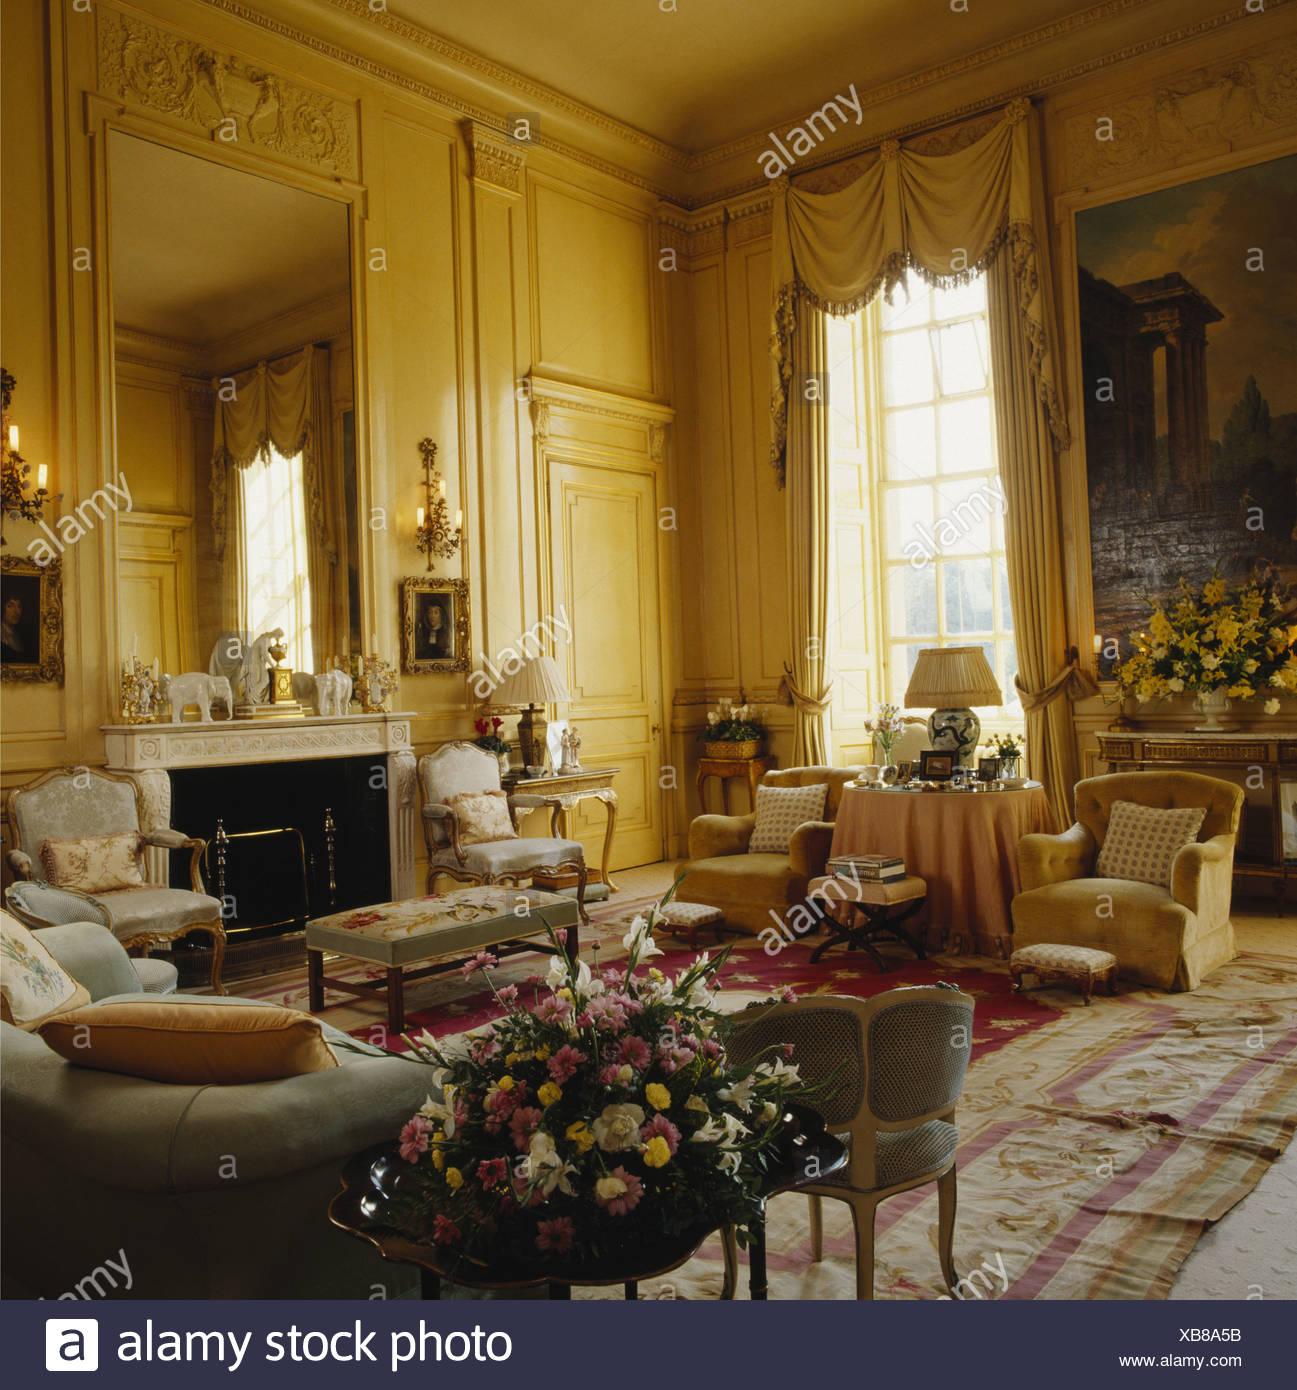 Große Wohnzimmer im Herrenhaus Stockfoto, Bild: 282310711 - Alamy